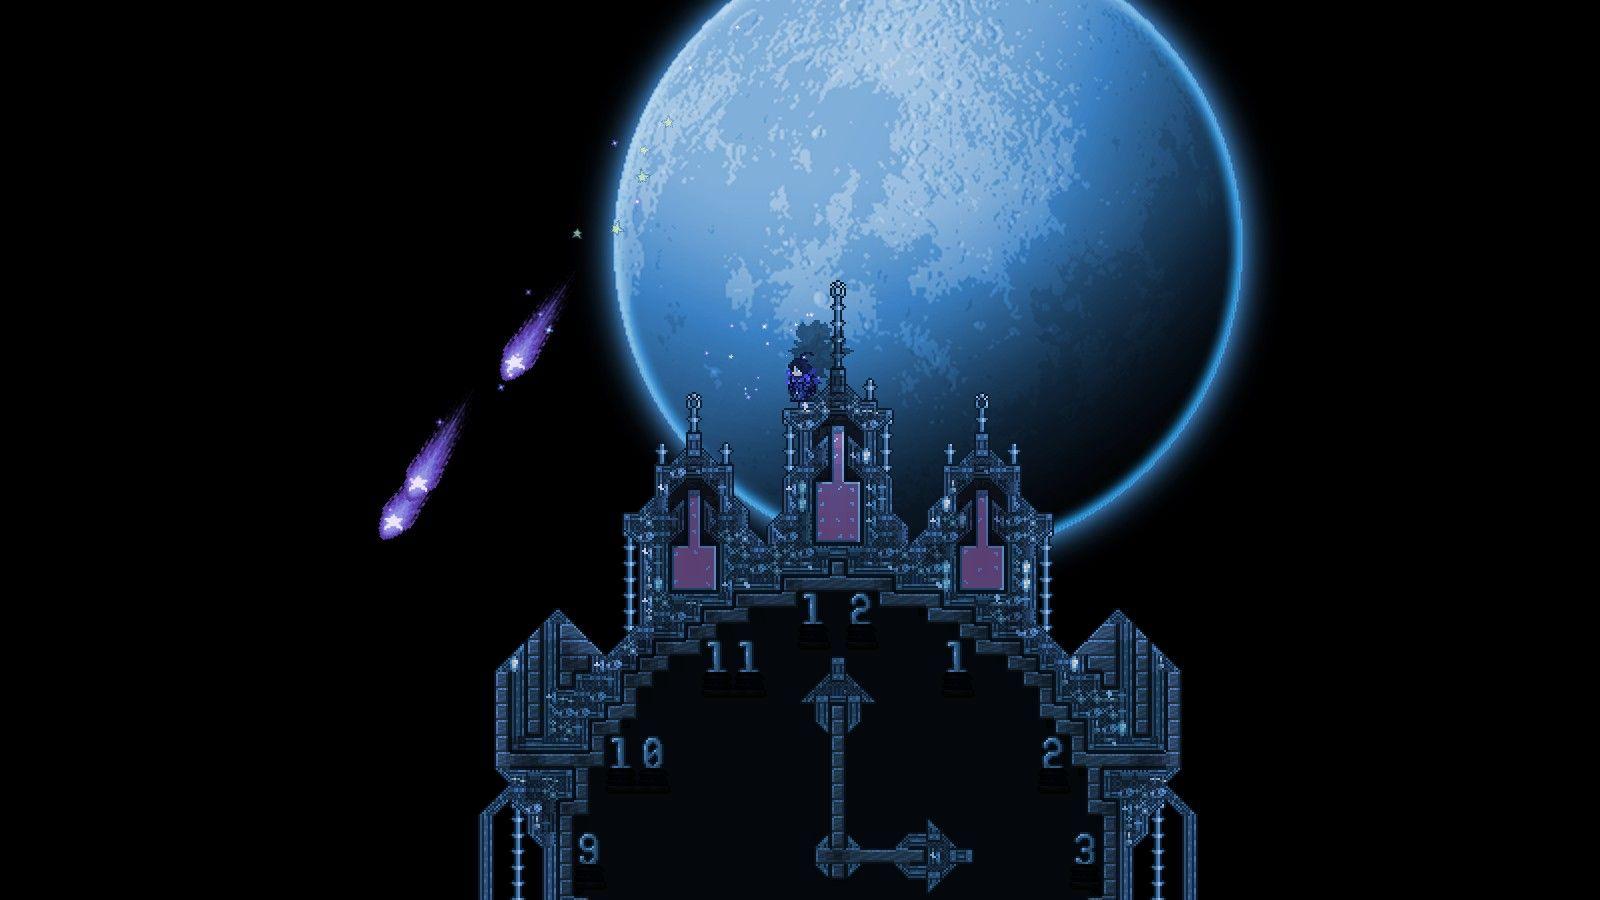 5-gier-podobnych-do-minecraft-terraria-10.jpg